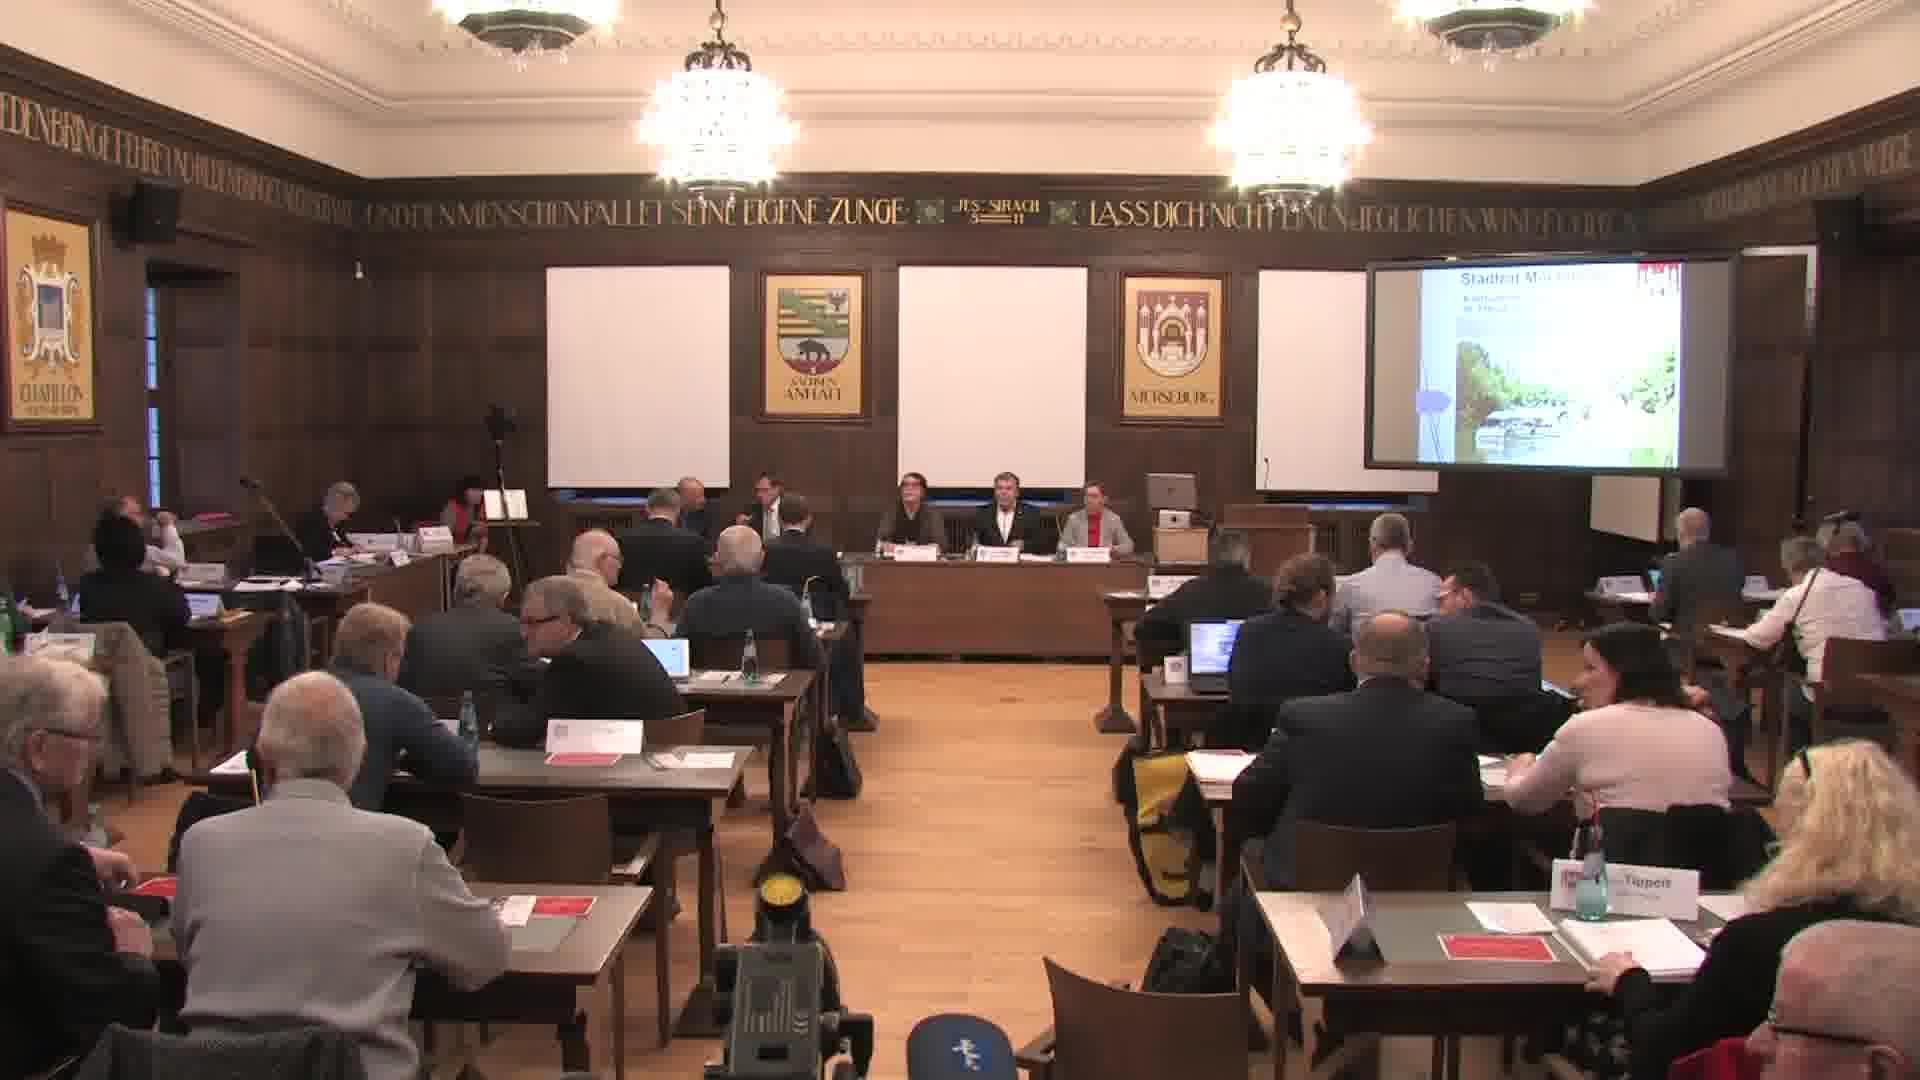 6. Sitzung des Stadtrates Merseburg vom 20. Februar 2020